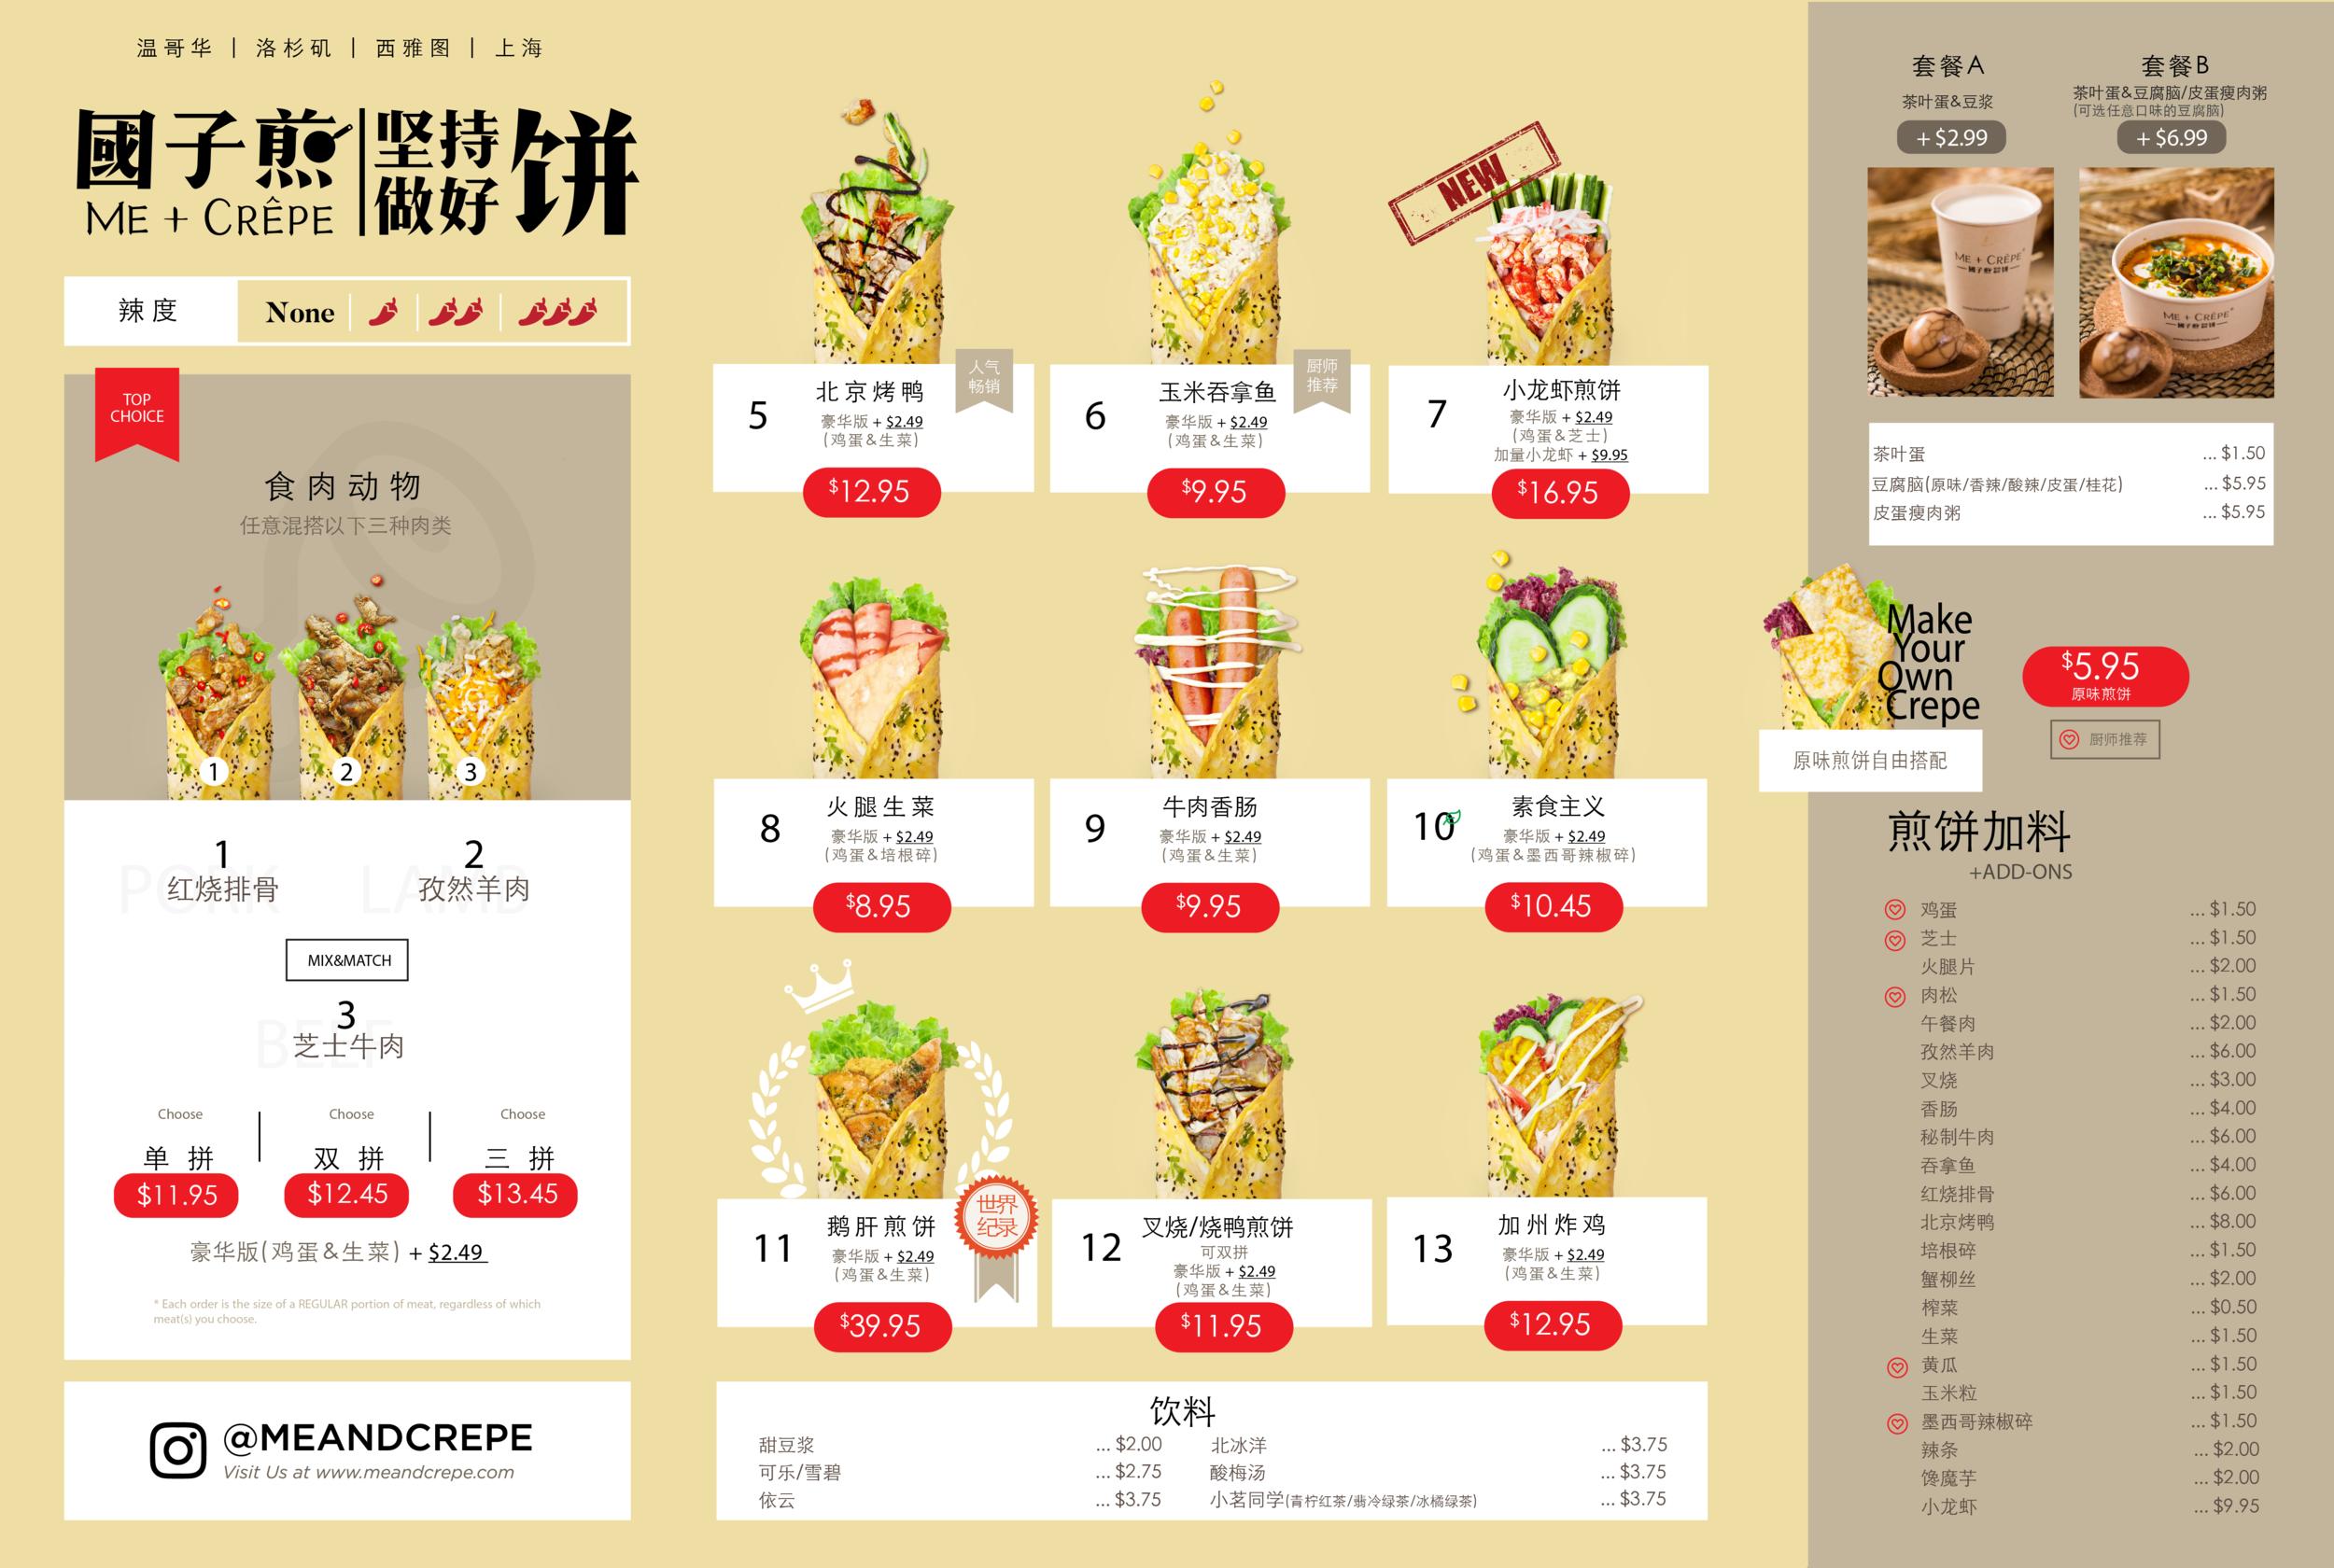 中文menu.png